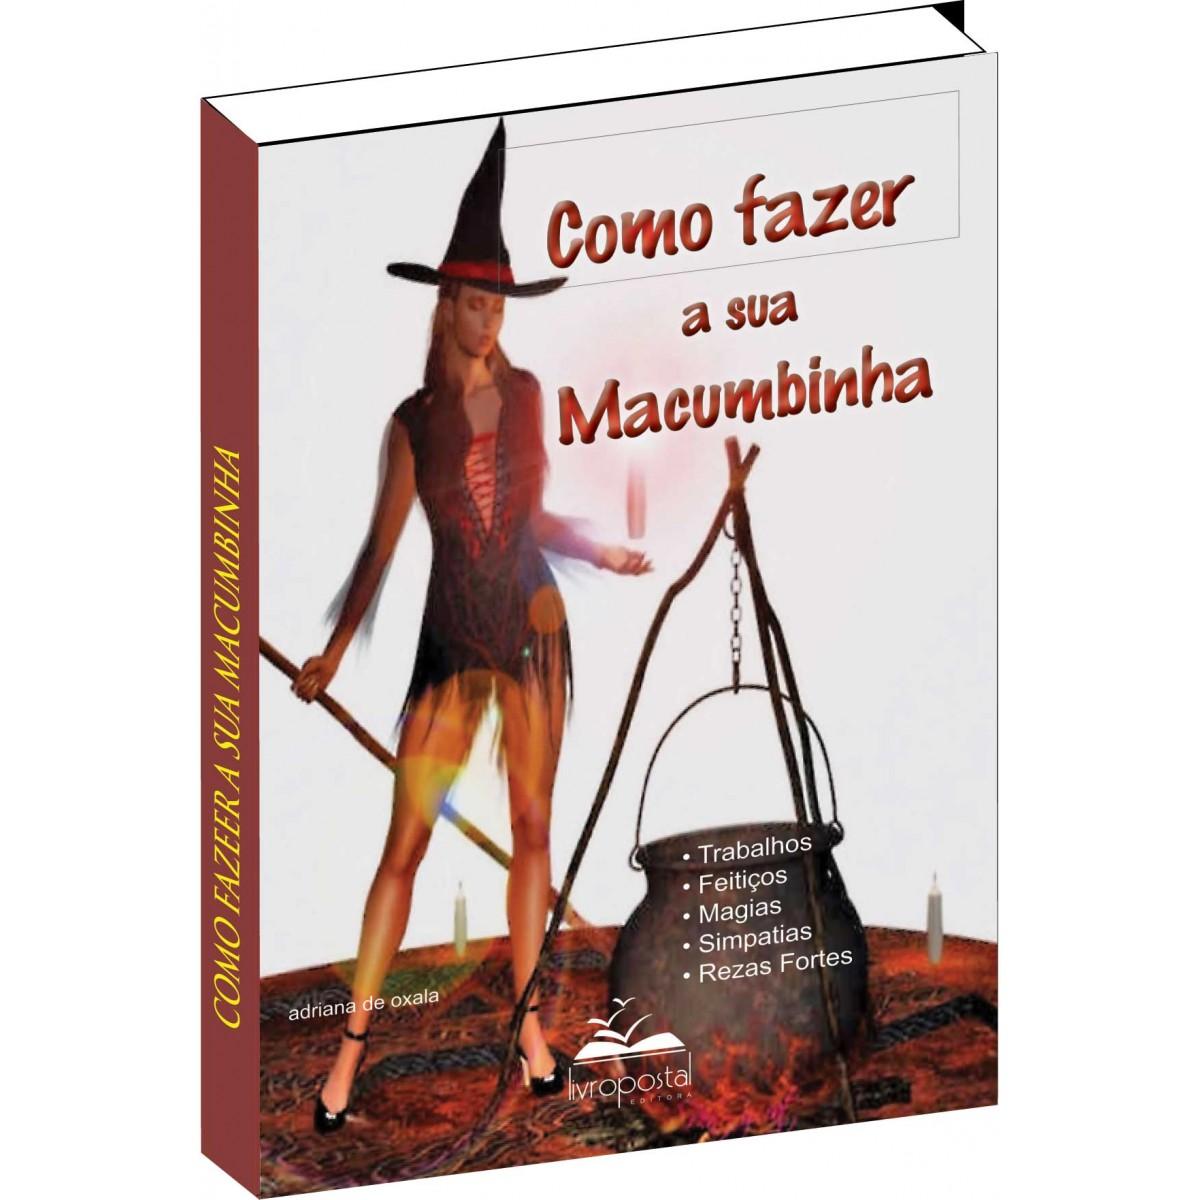 Livro - Como fazer a sua Macumbinha  - Livropostal Editora